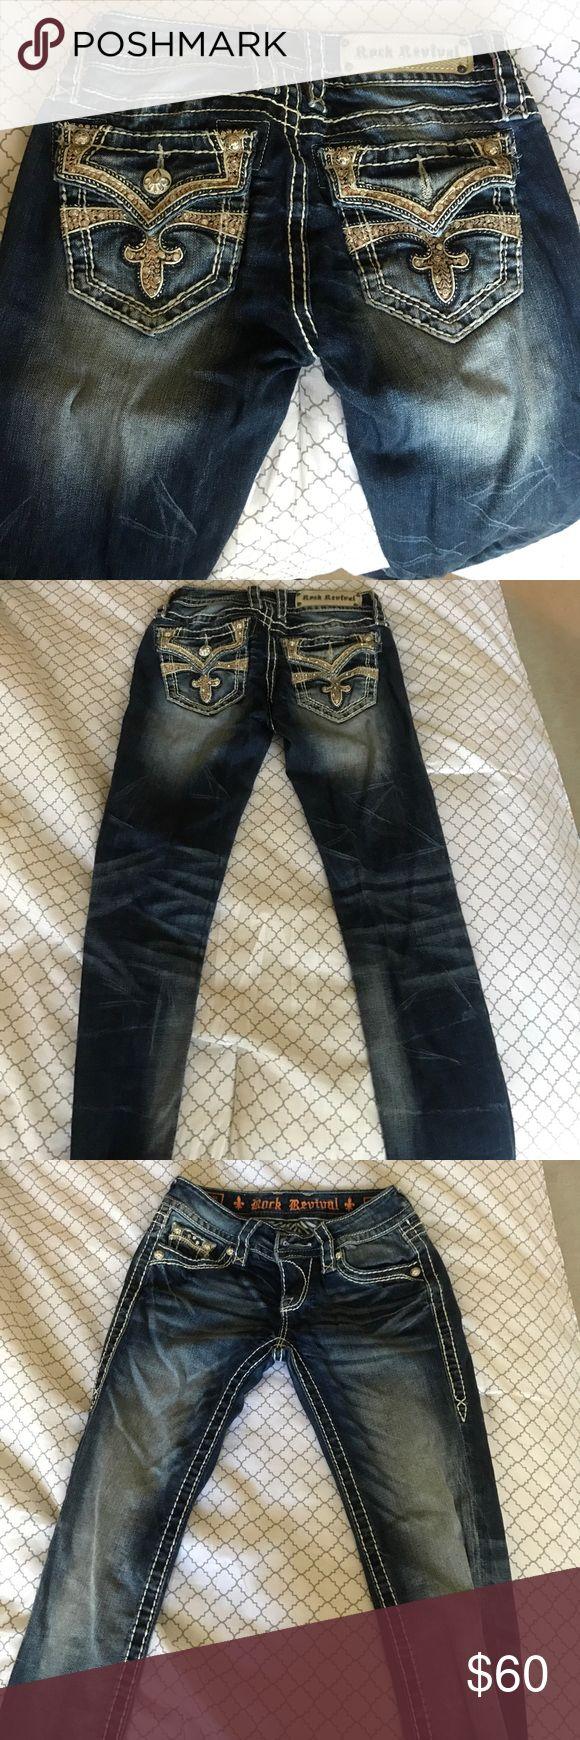 Rock revival jean Rock revival skinny jeans size 25 Rock Revival Jeans Skinny